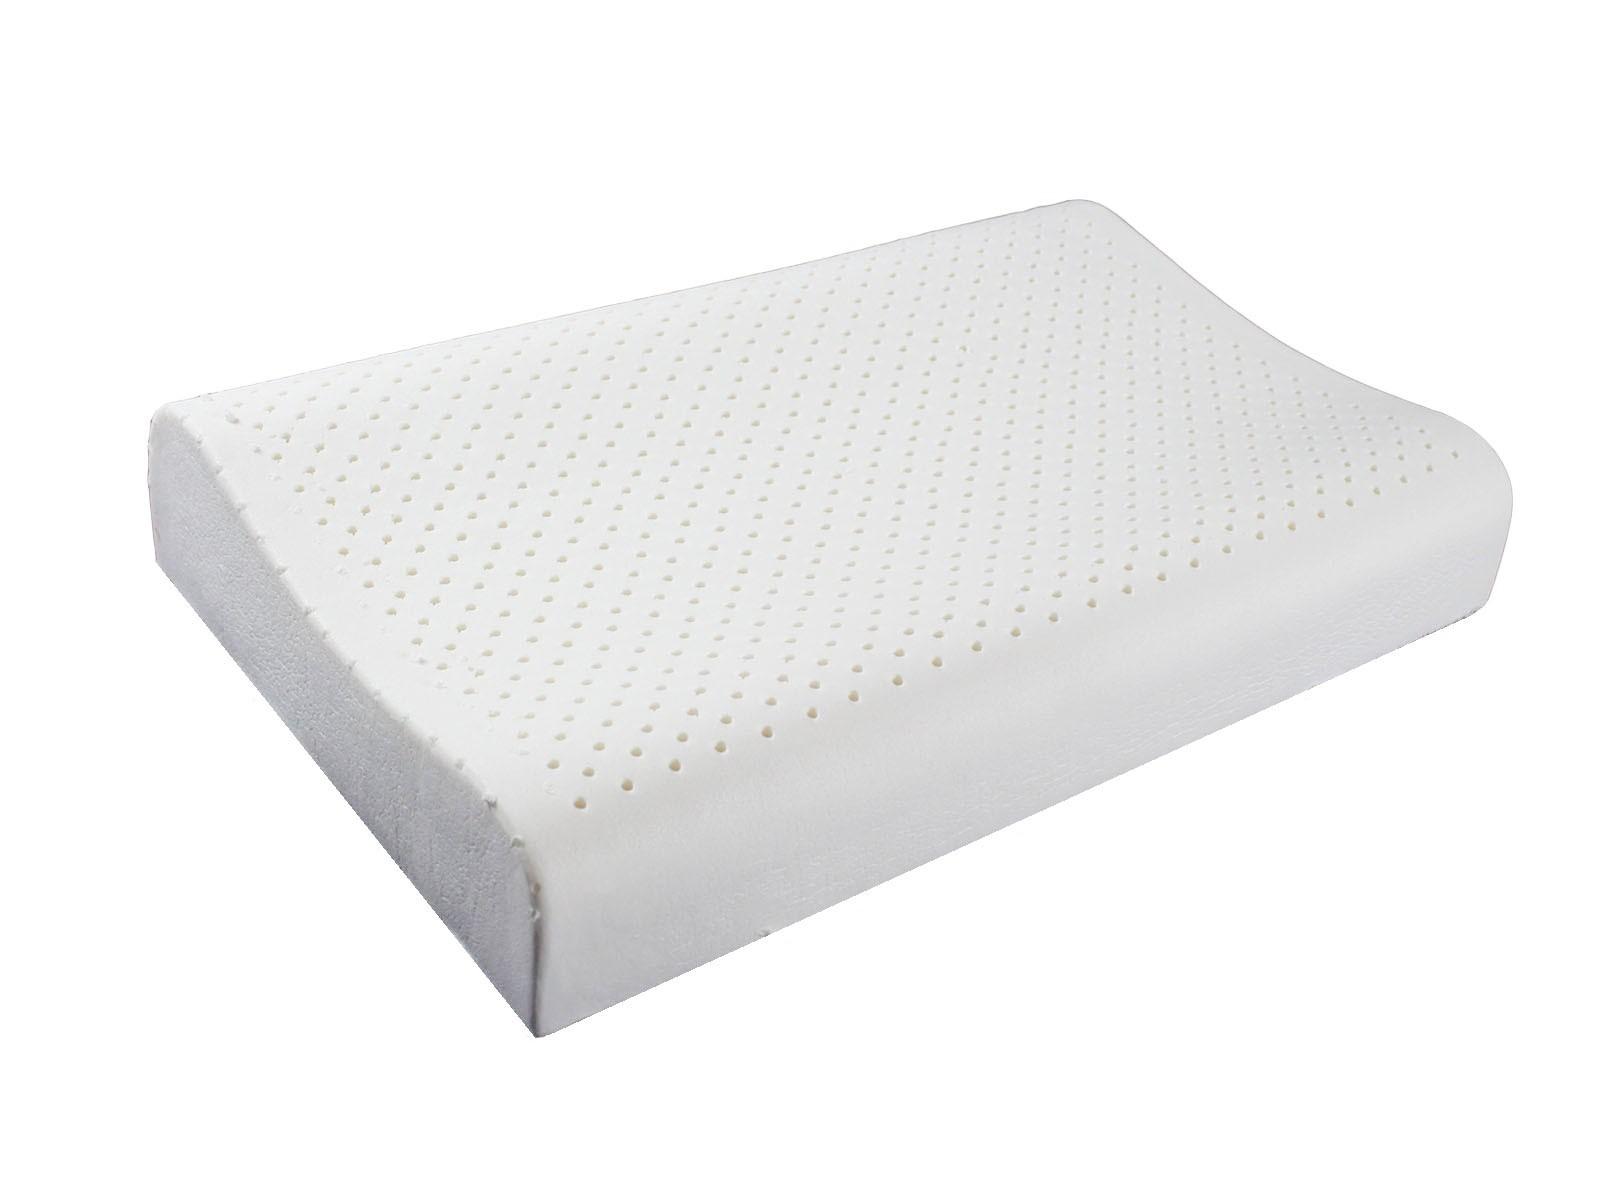 RueHong(枕頭)-100%天然乳膠枕(人體工學型) - 枕心-1 入